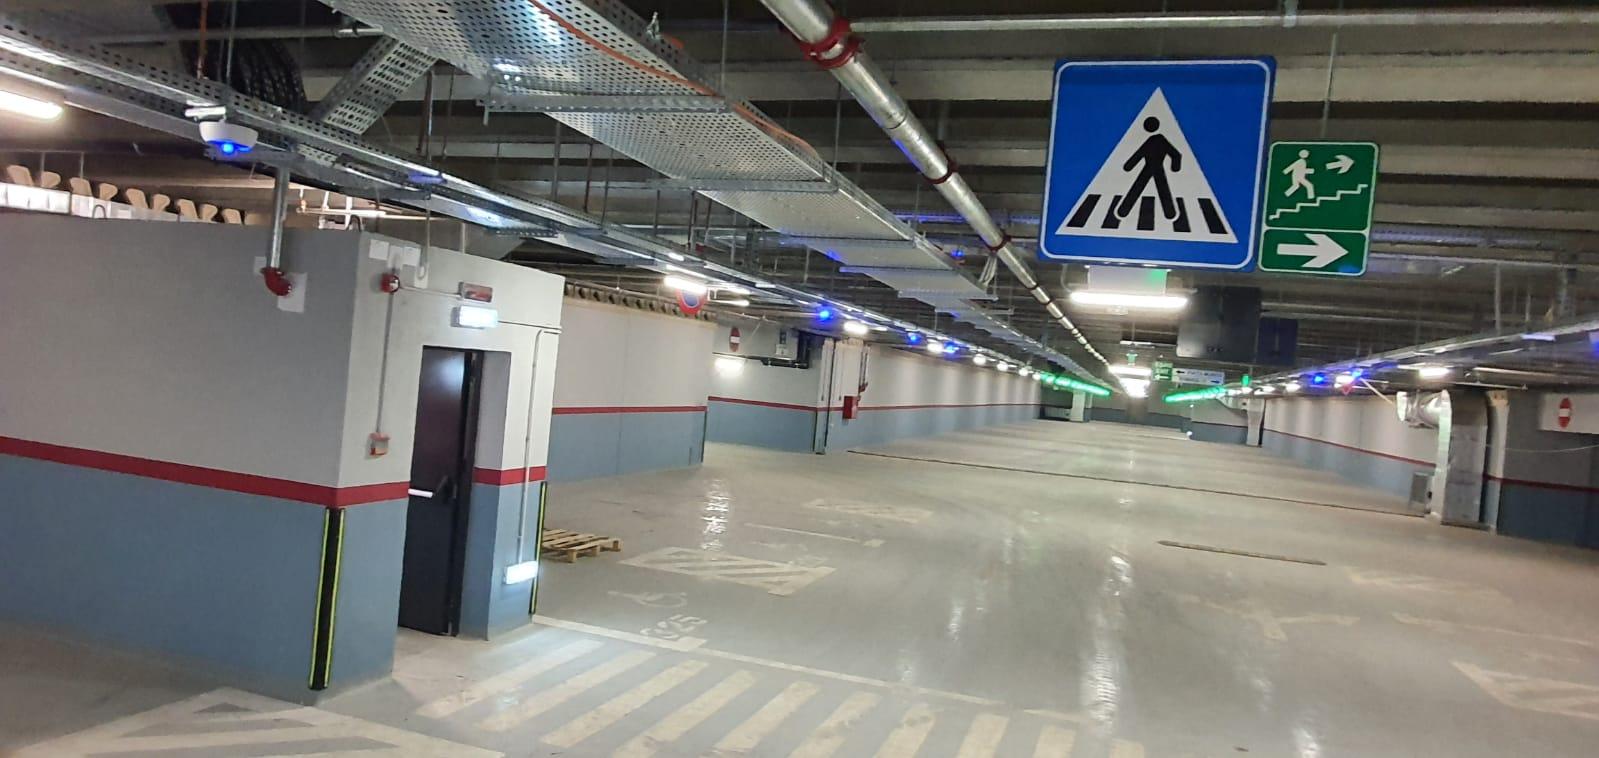 Parcare subterană - Bulevardul Decebal